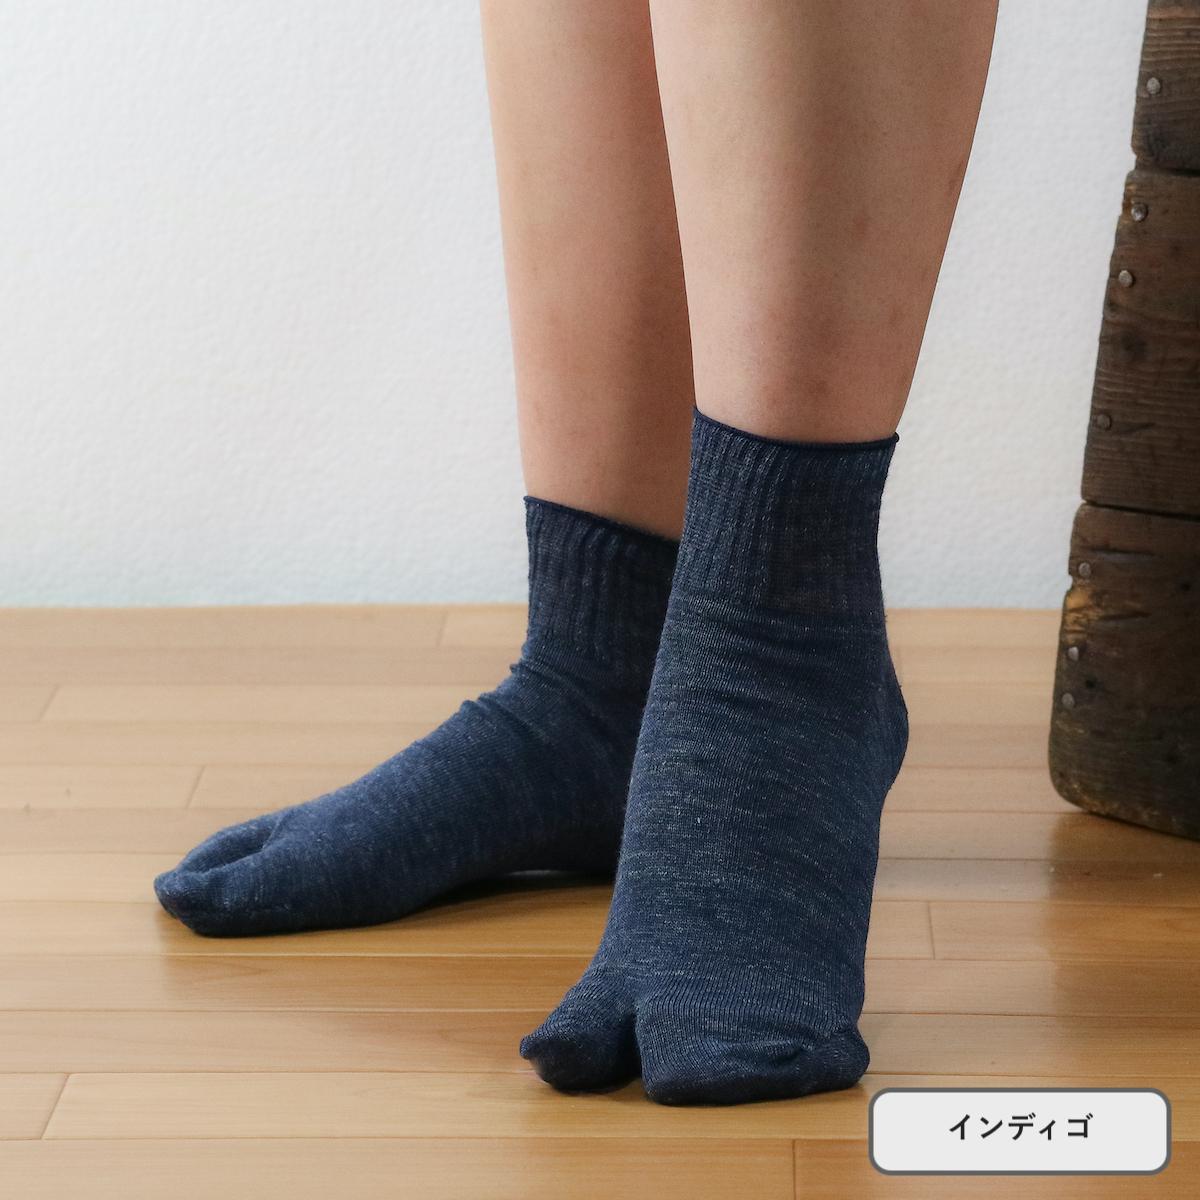 リネン足袋ソックス 22〜24cm